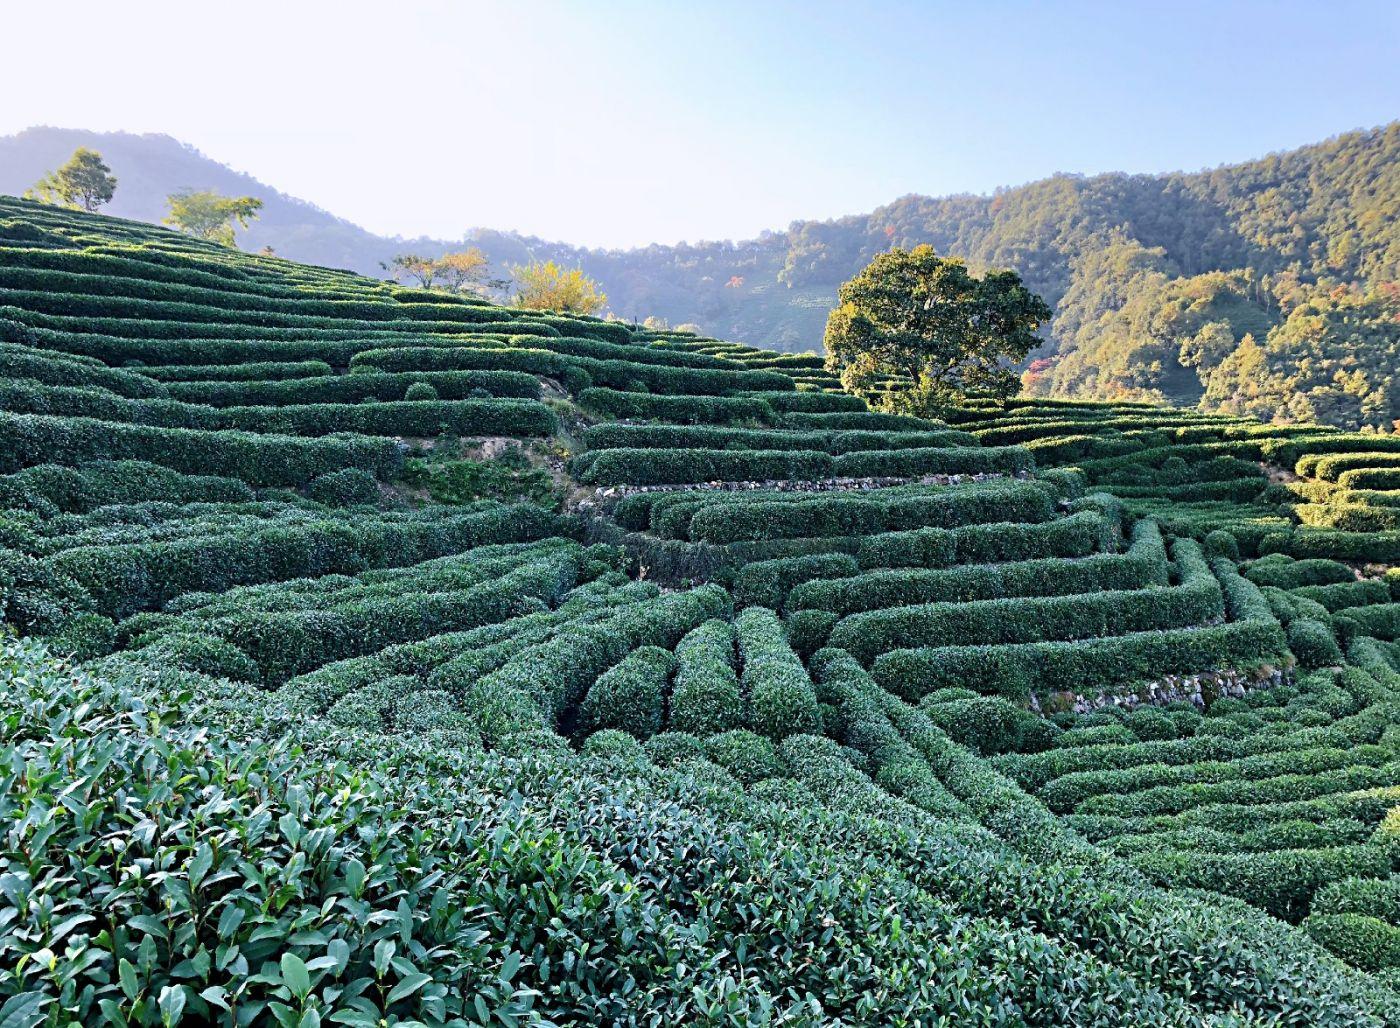 【田螺随拍】杭州龙井茶园-手机版_图1-20